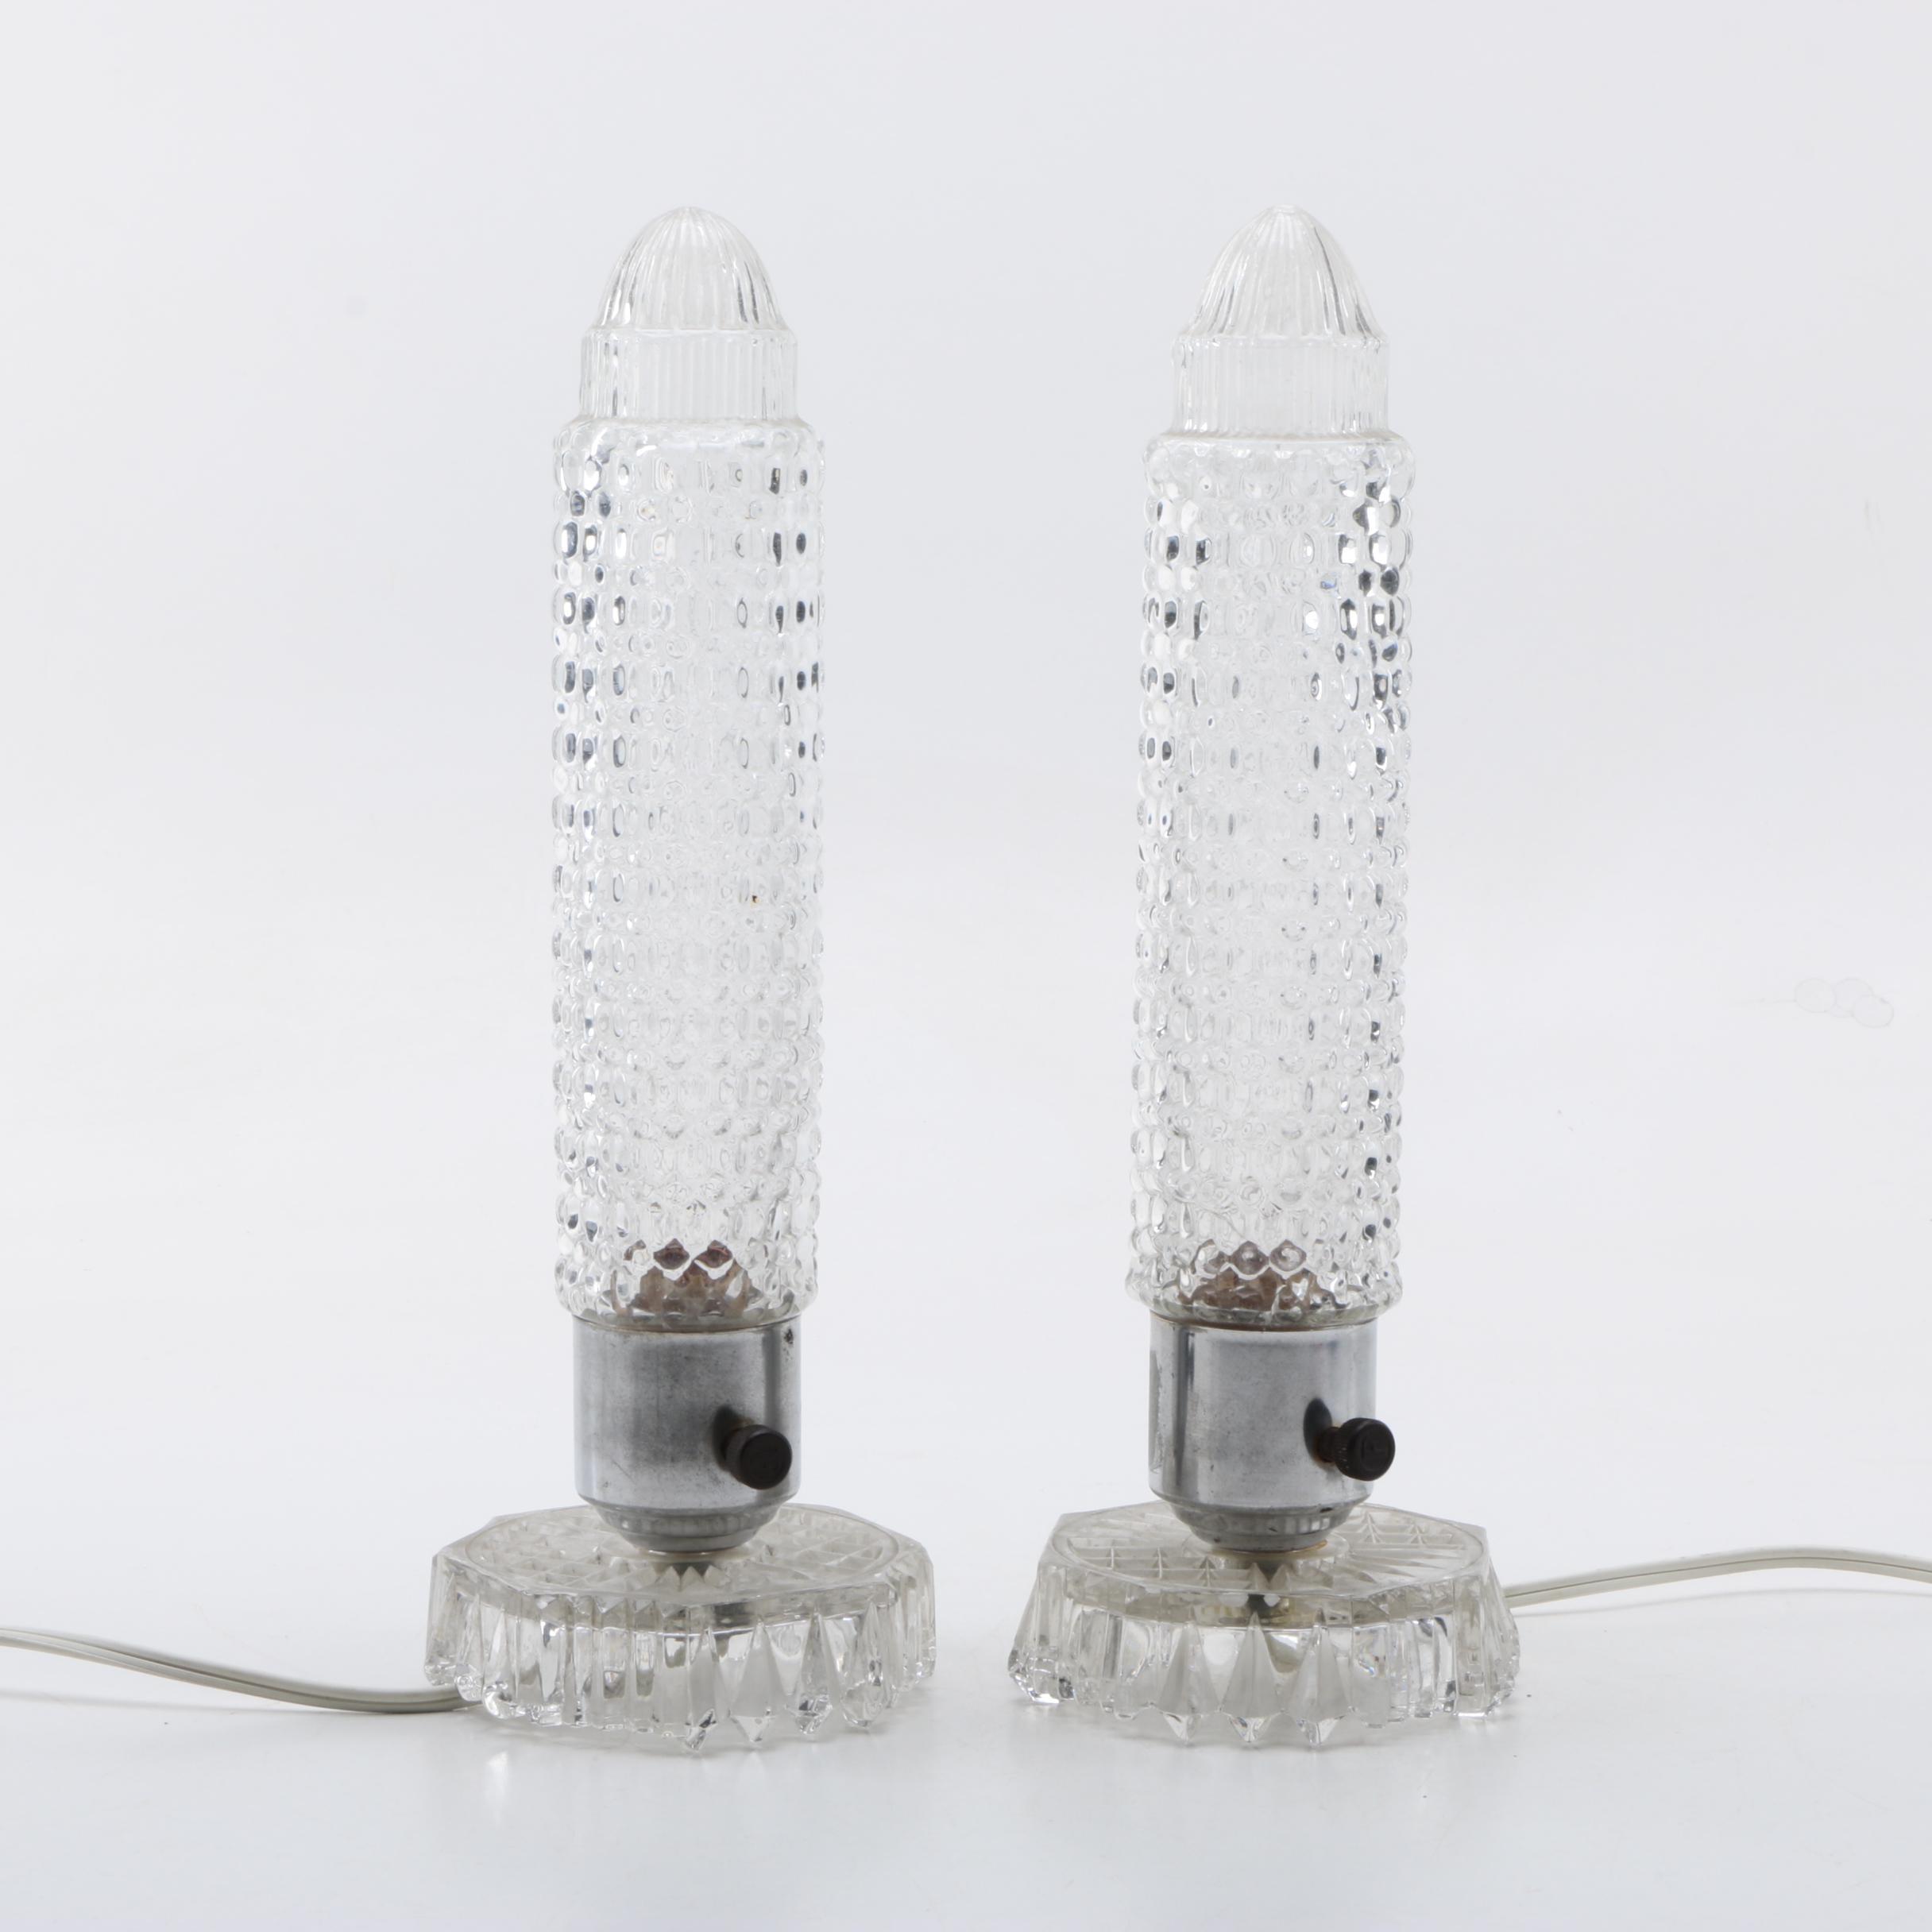 Art Deco Style Glass Boudoir Lamps